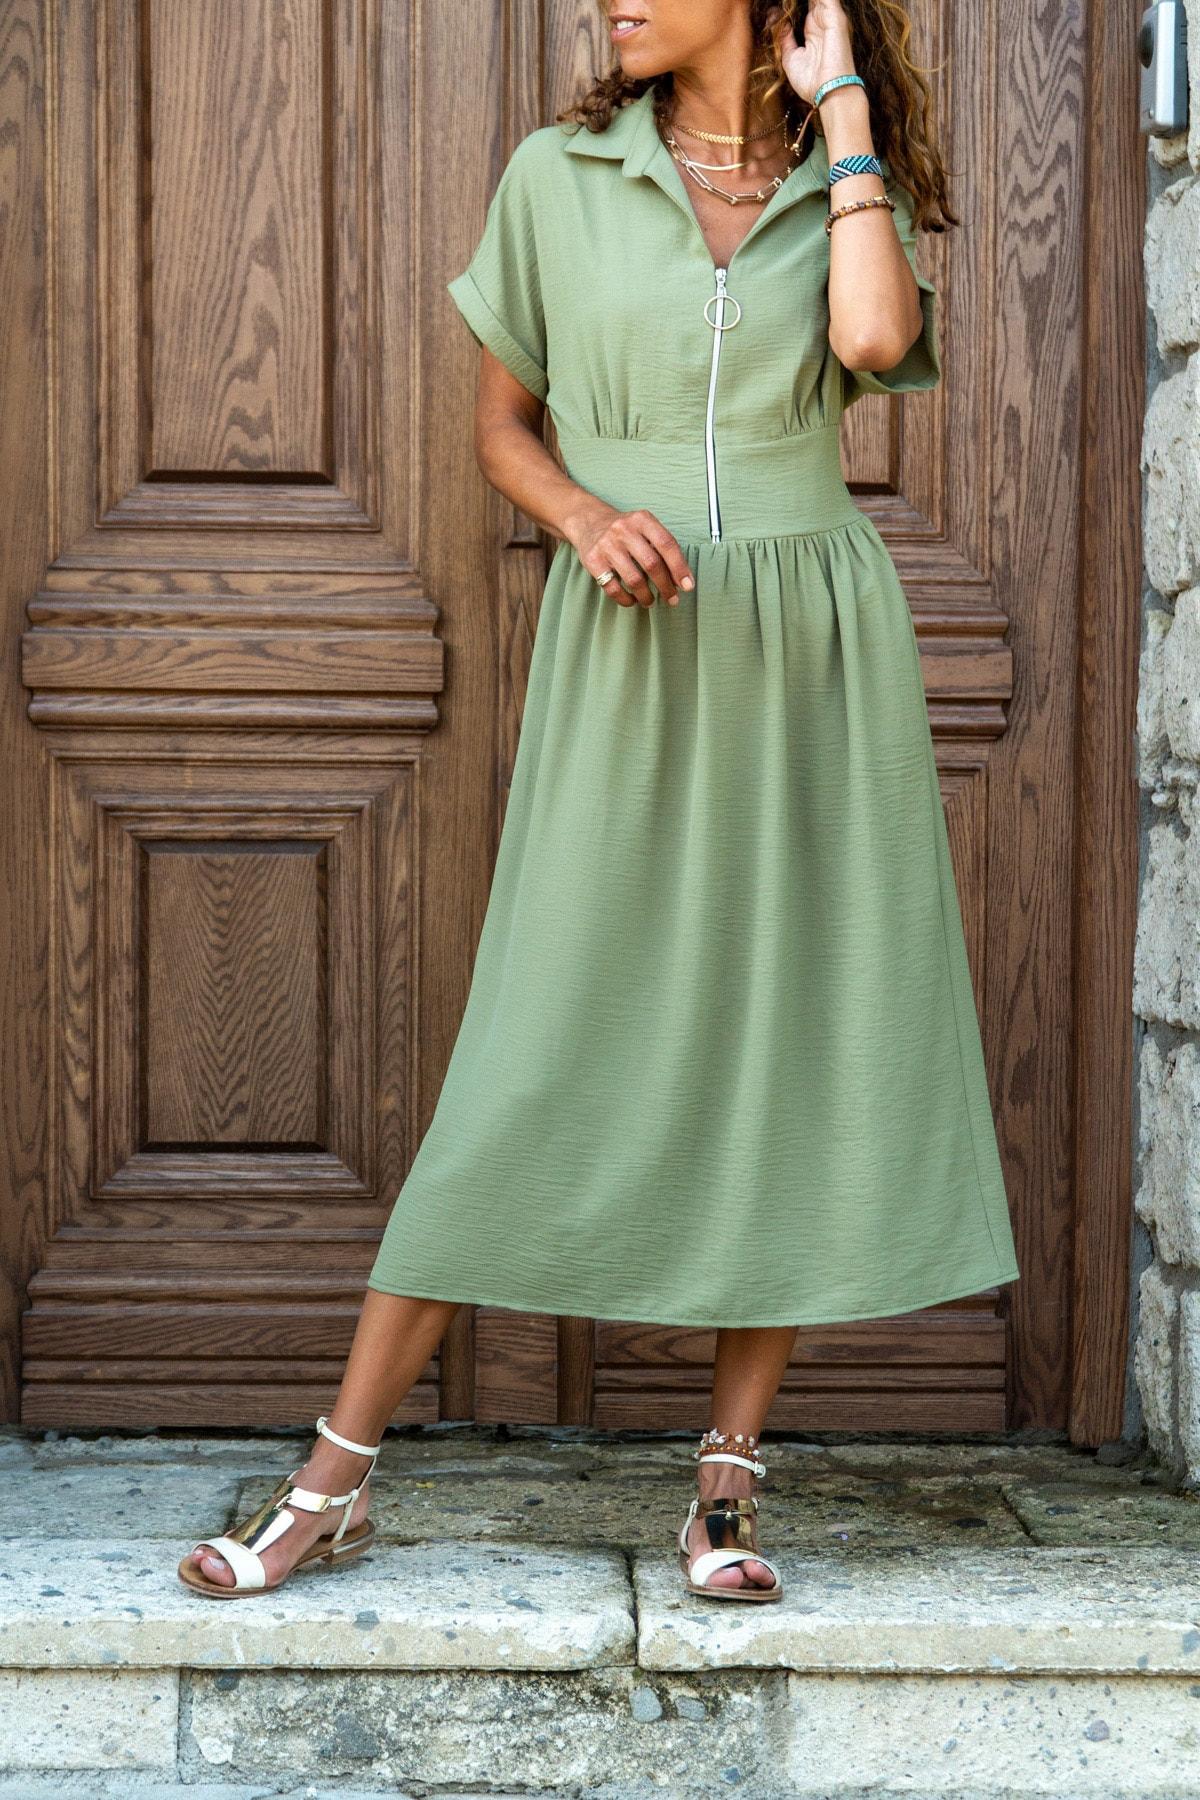 Güneşkızı Kadın Haki Polo Yaka Fermuarlı Beli Büzgülü Airobin Elbise Gk-Bst2880